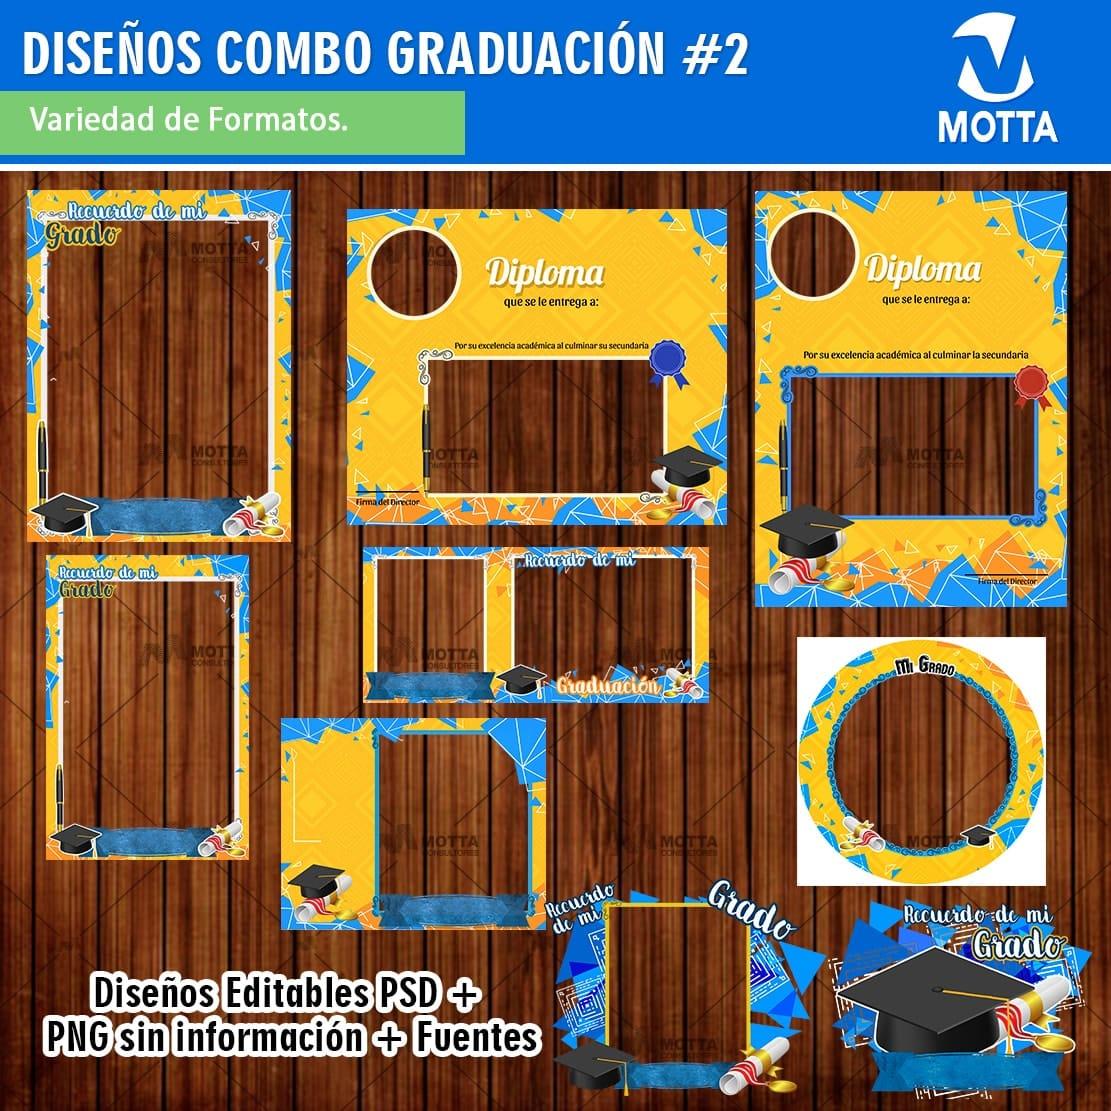 MARCOS DE GRADO PARA RECUERDO DE GRADUACIÓN | COMBO 2